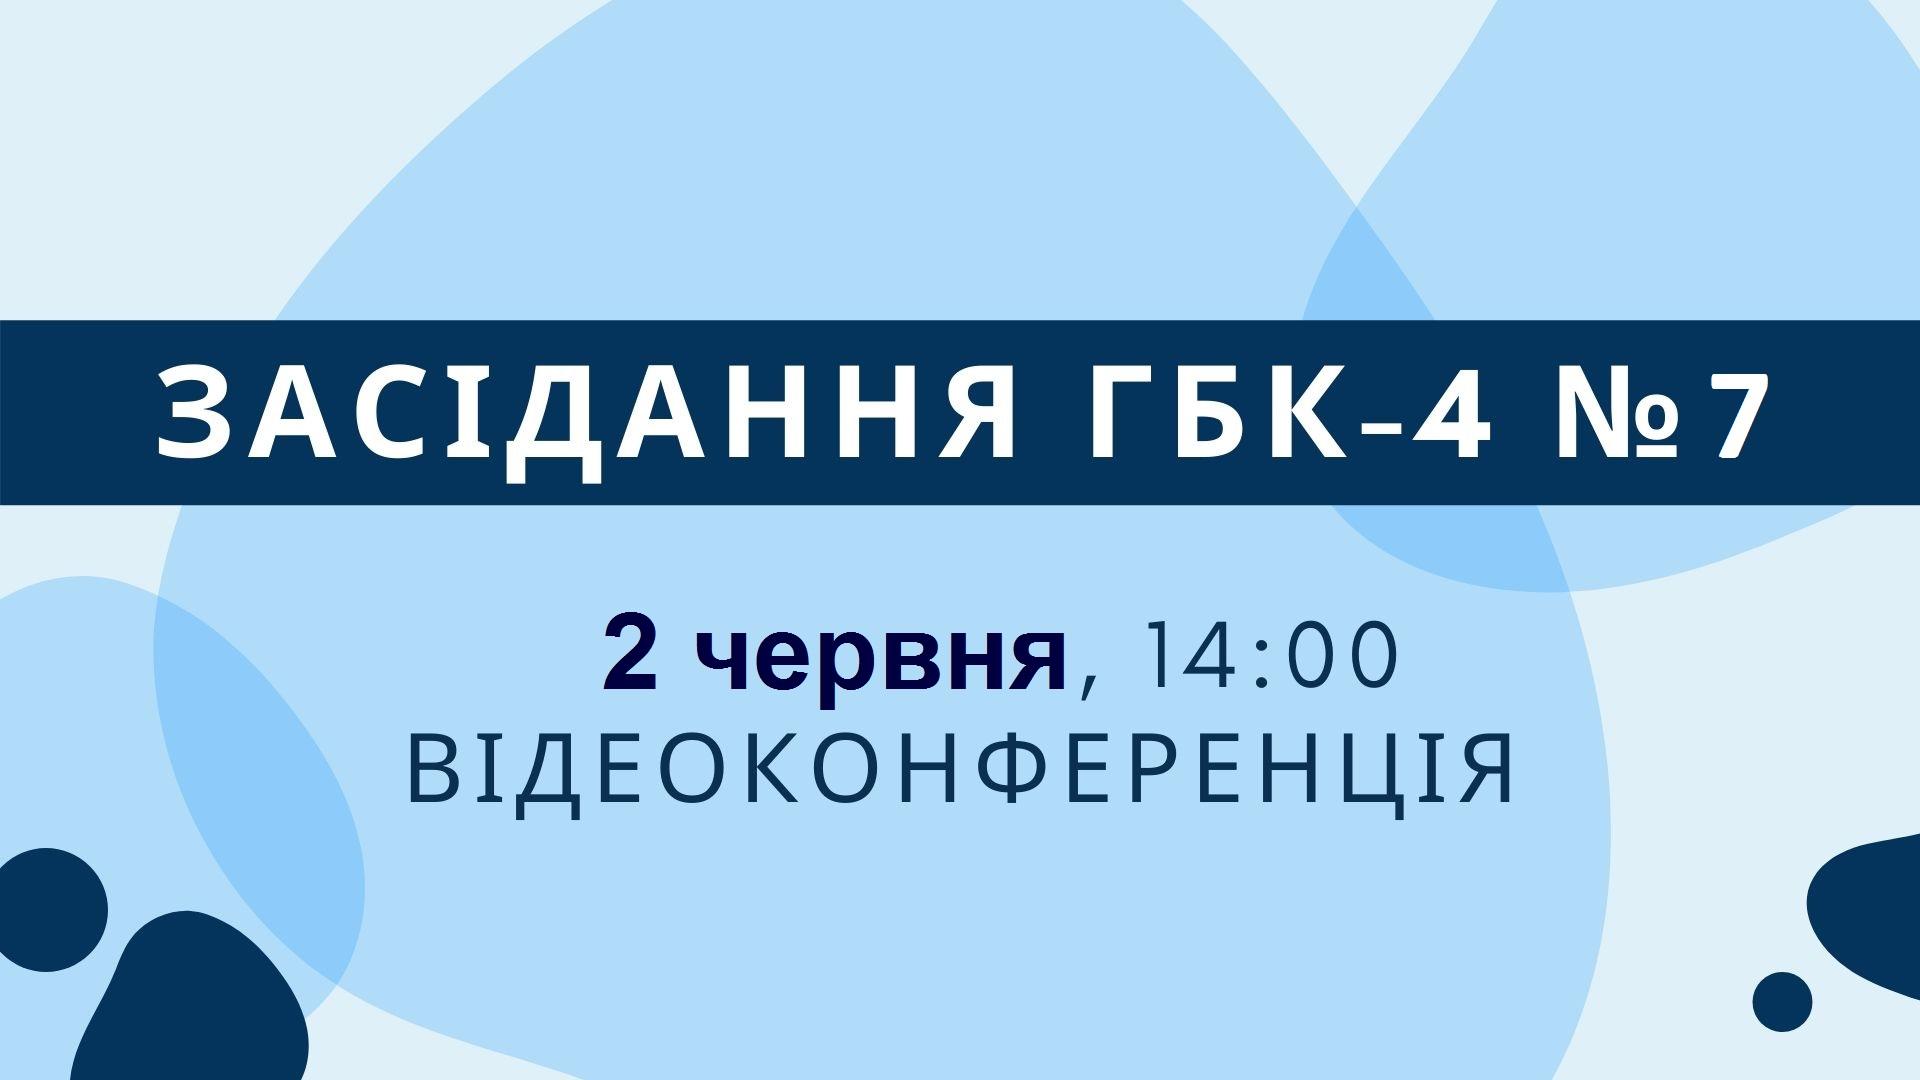 2 червня відбудеться сьоме засідання ГБК-4